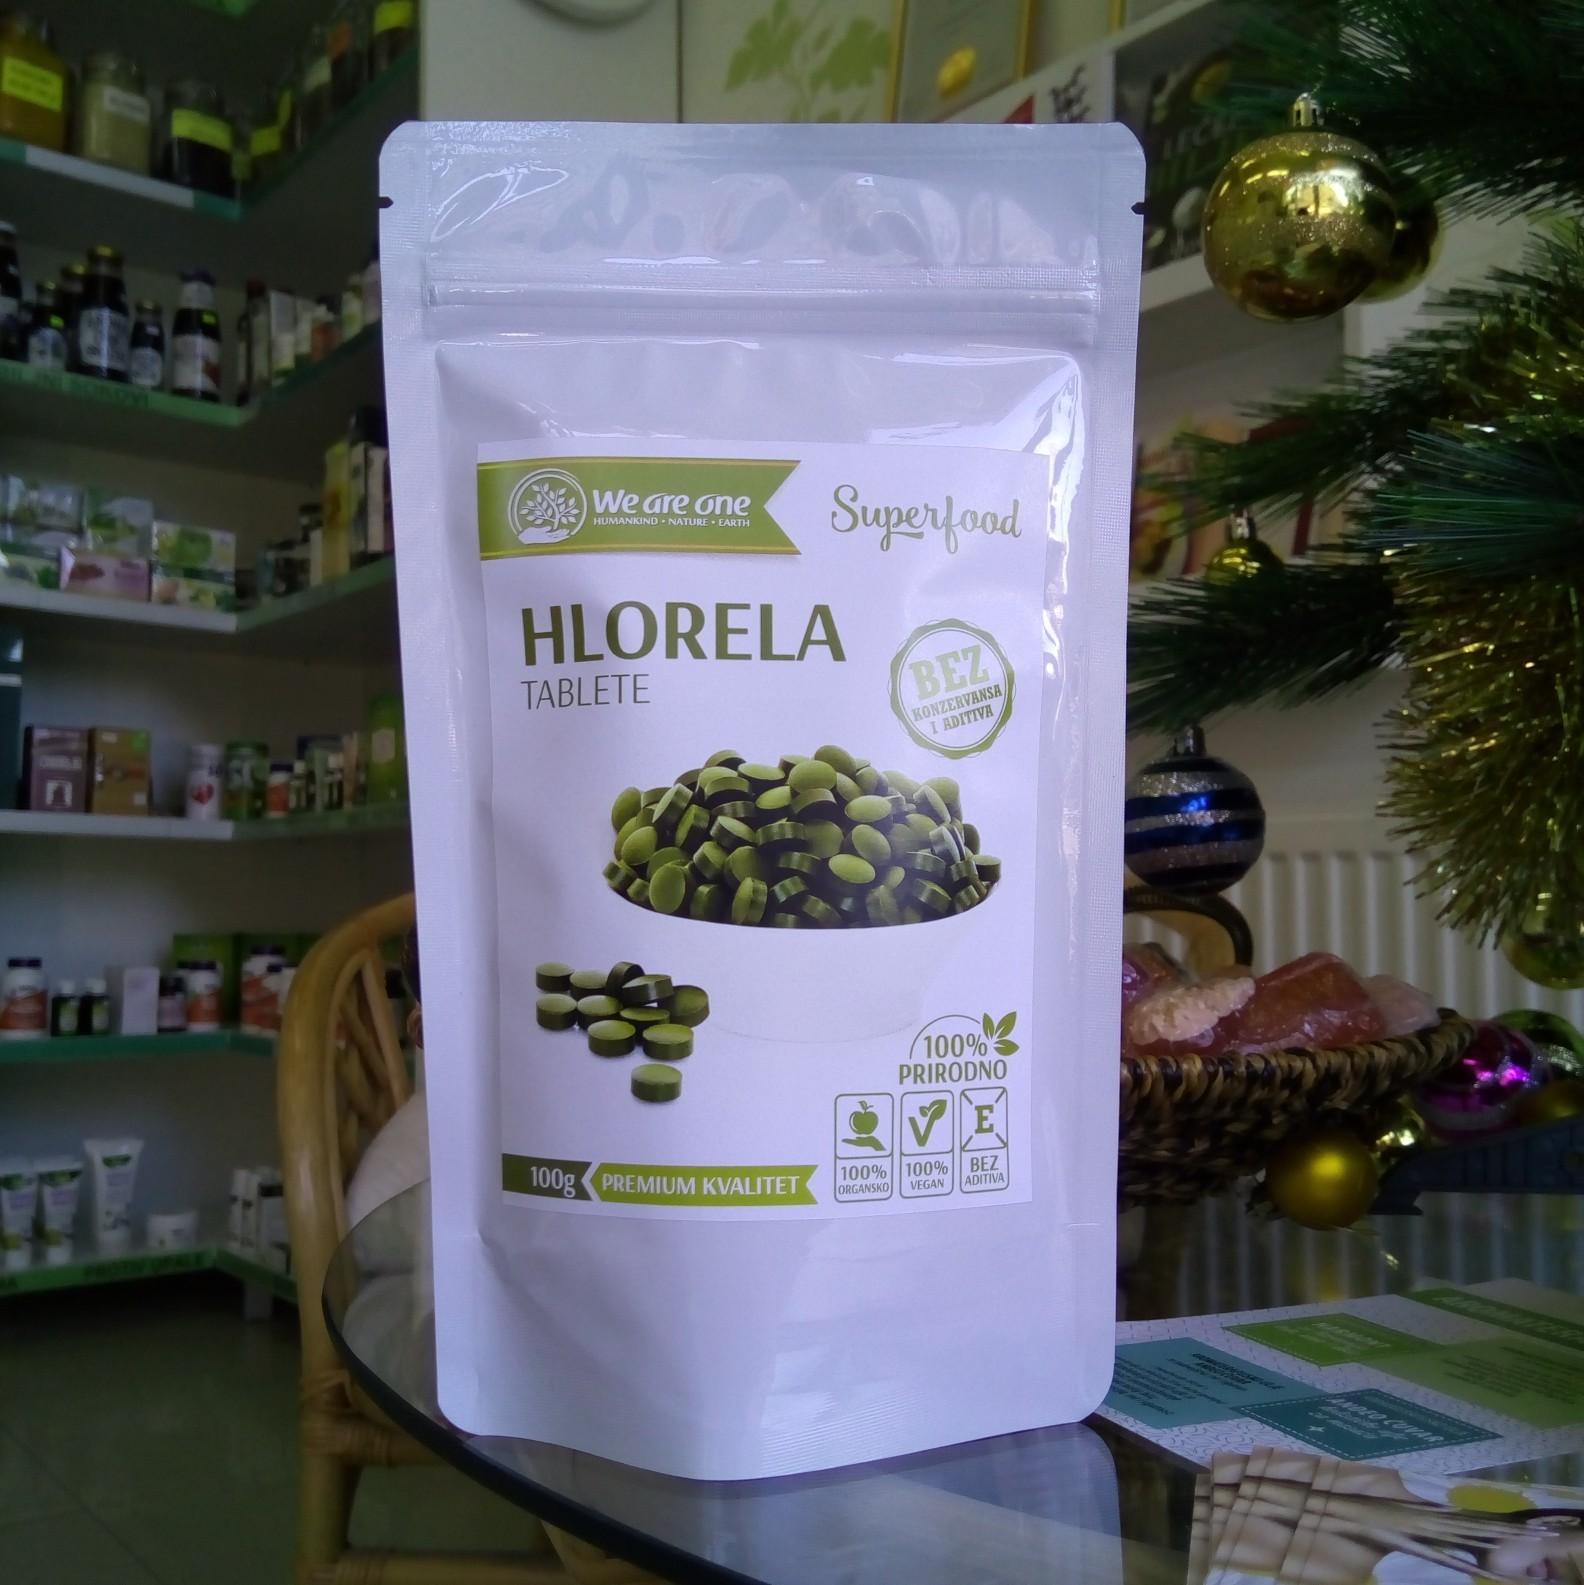 WAO Hlorela tablete 100 g 00255